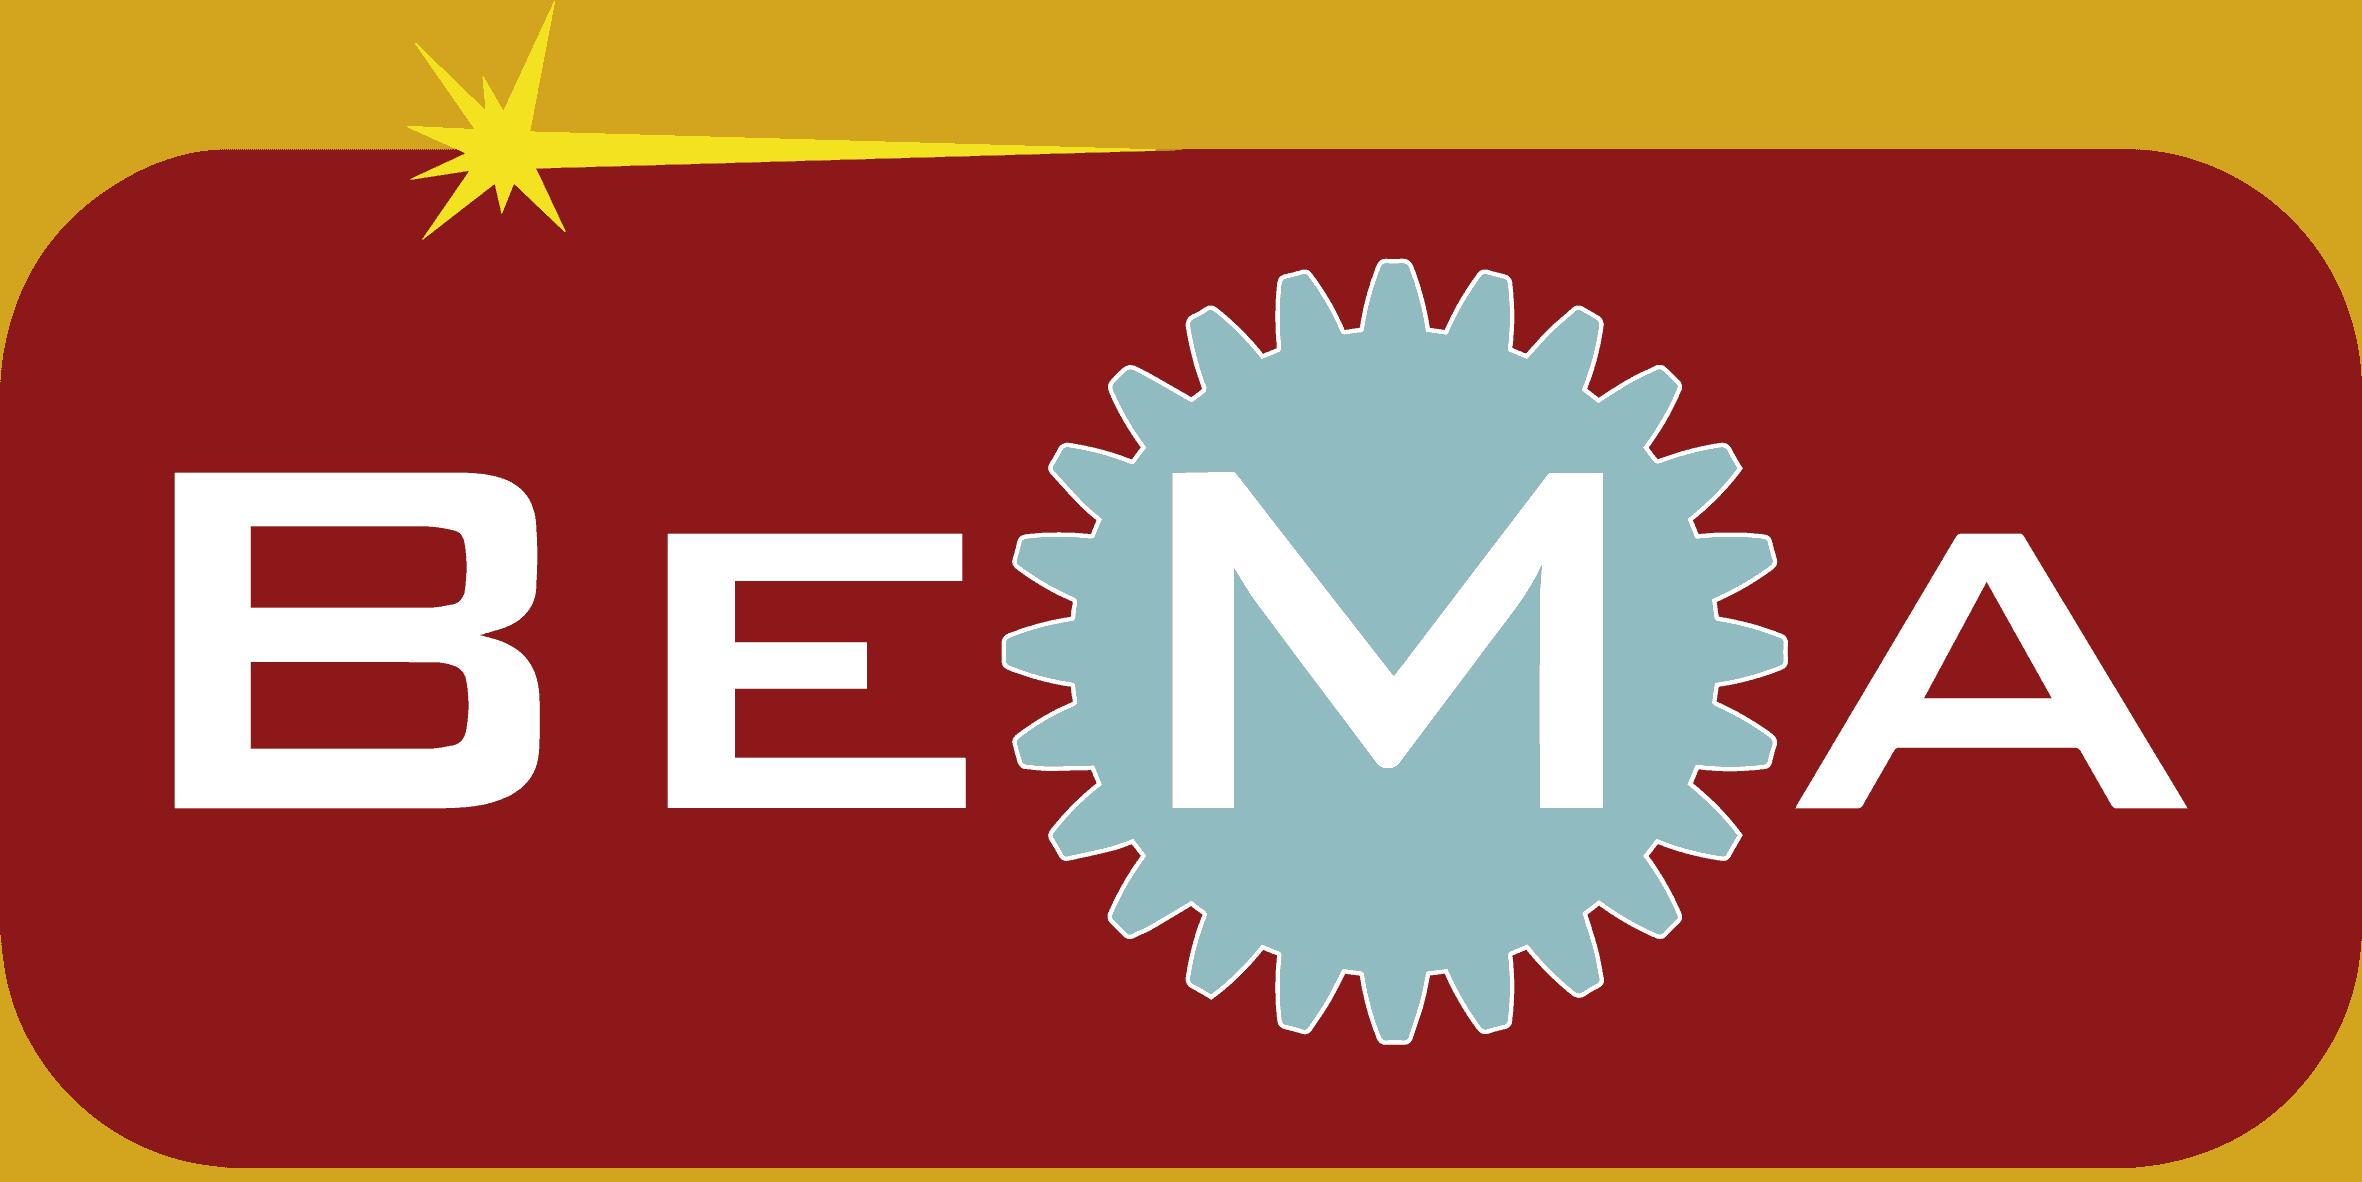 Schlosserei, Schweißerei, Stahl- und Maschinenbau